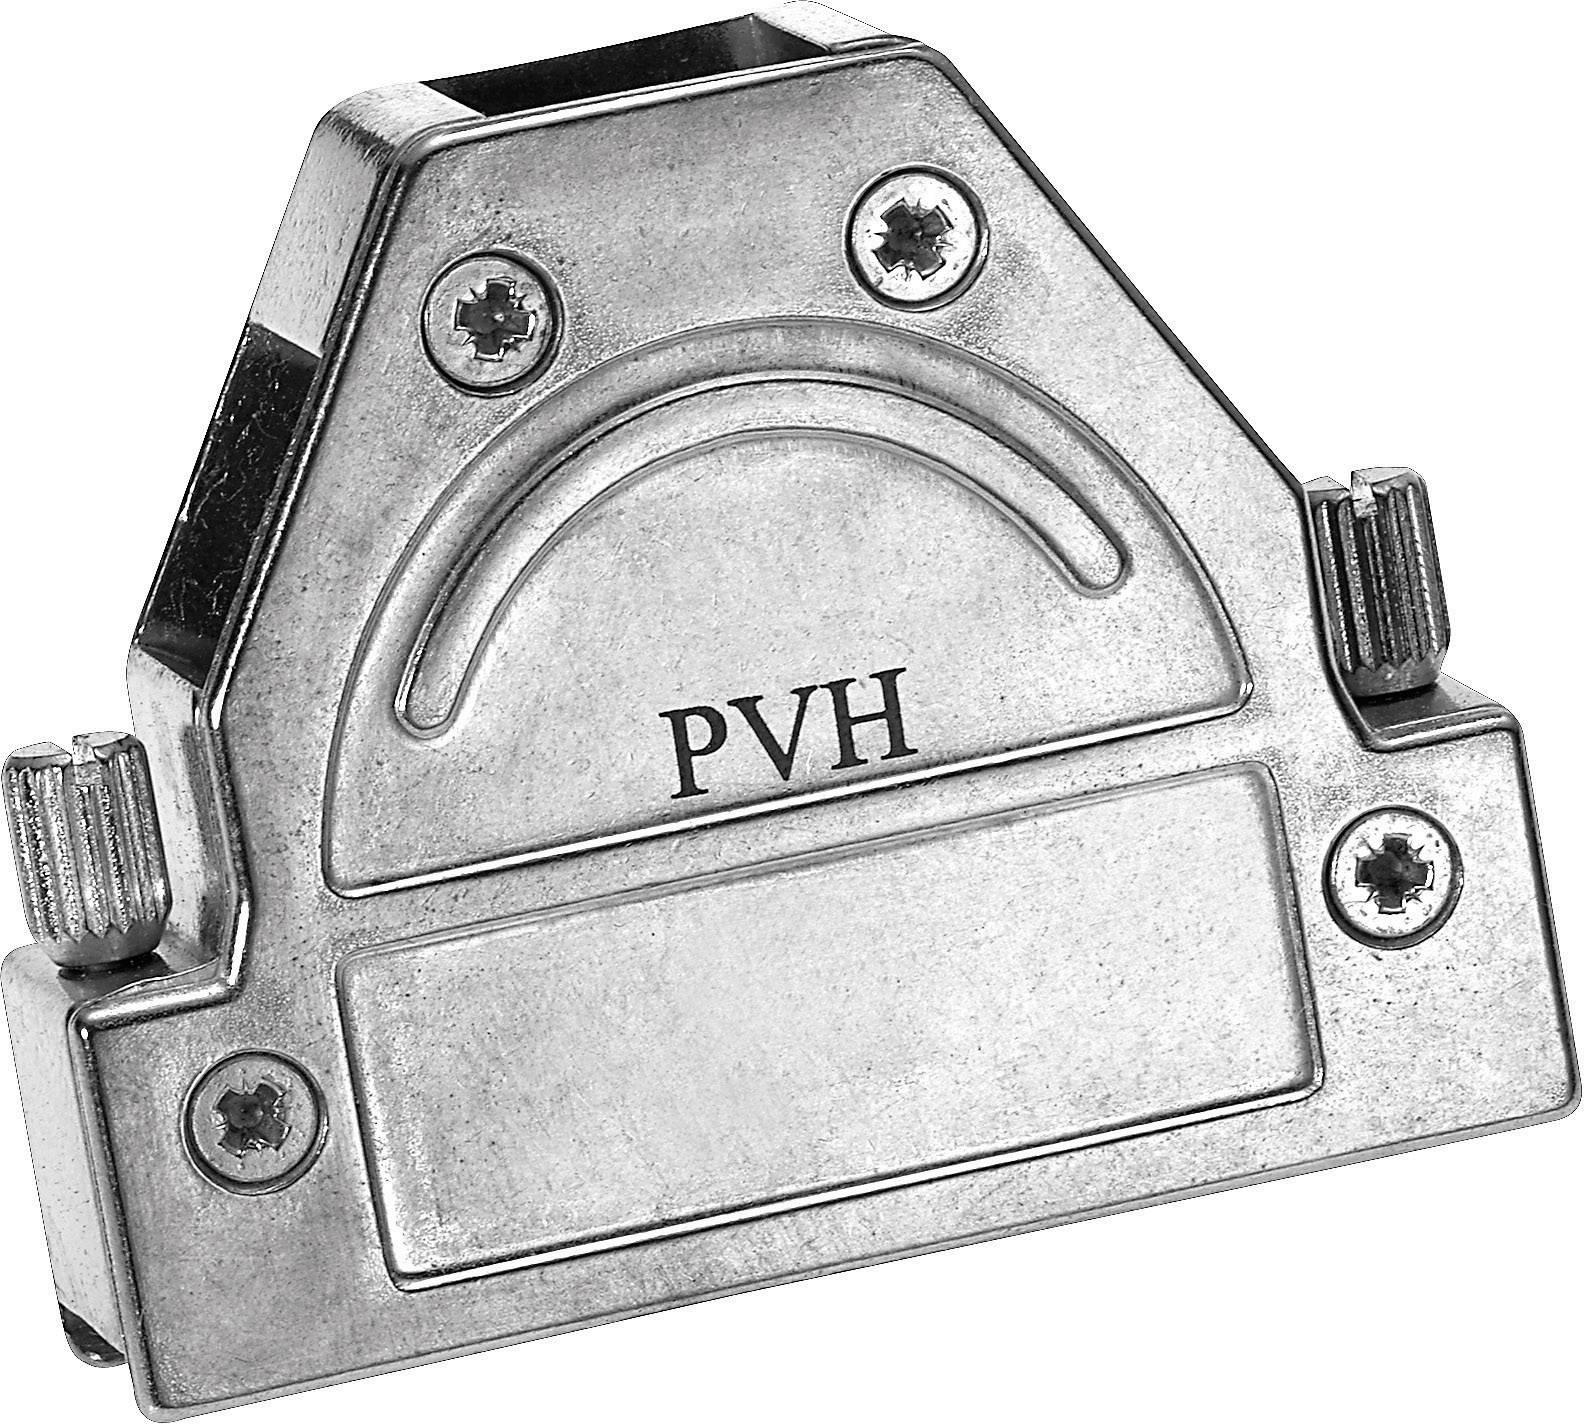 D-SUB pouzdro Provertha 1709DC25001 1709DC25001, pólů 9, kov, 180 °, stříbrná, 1 ks